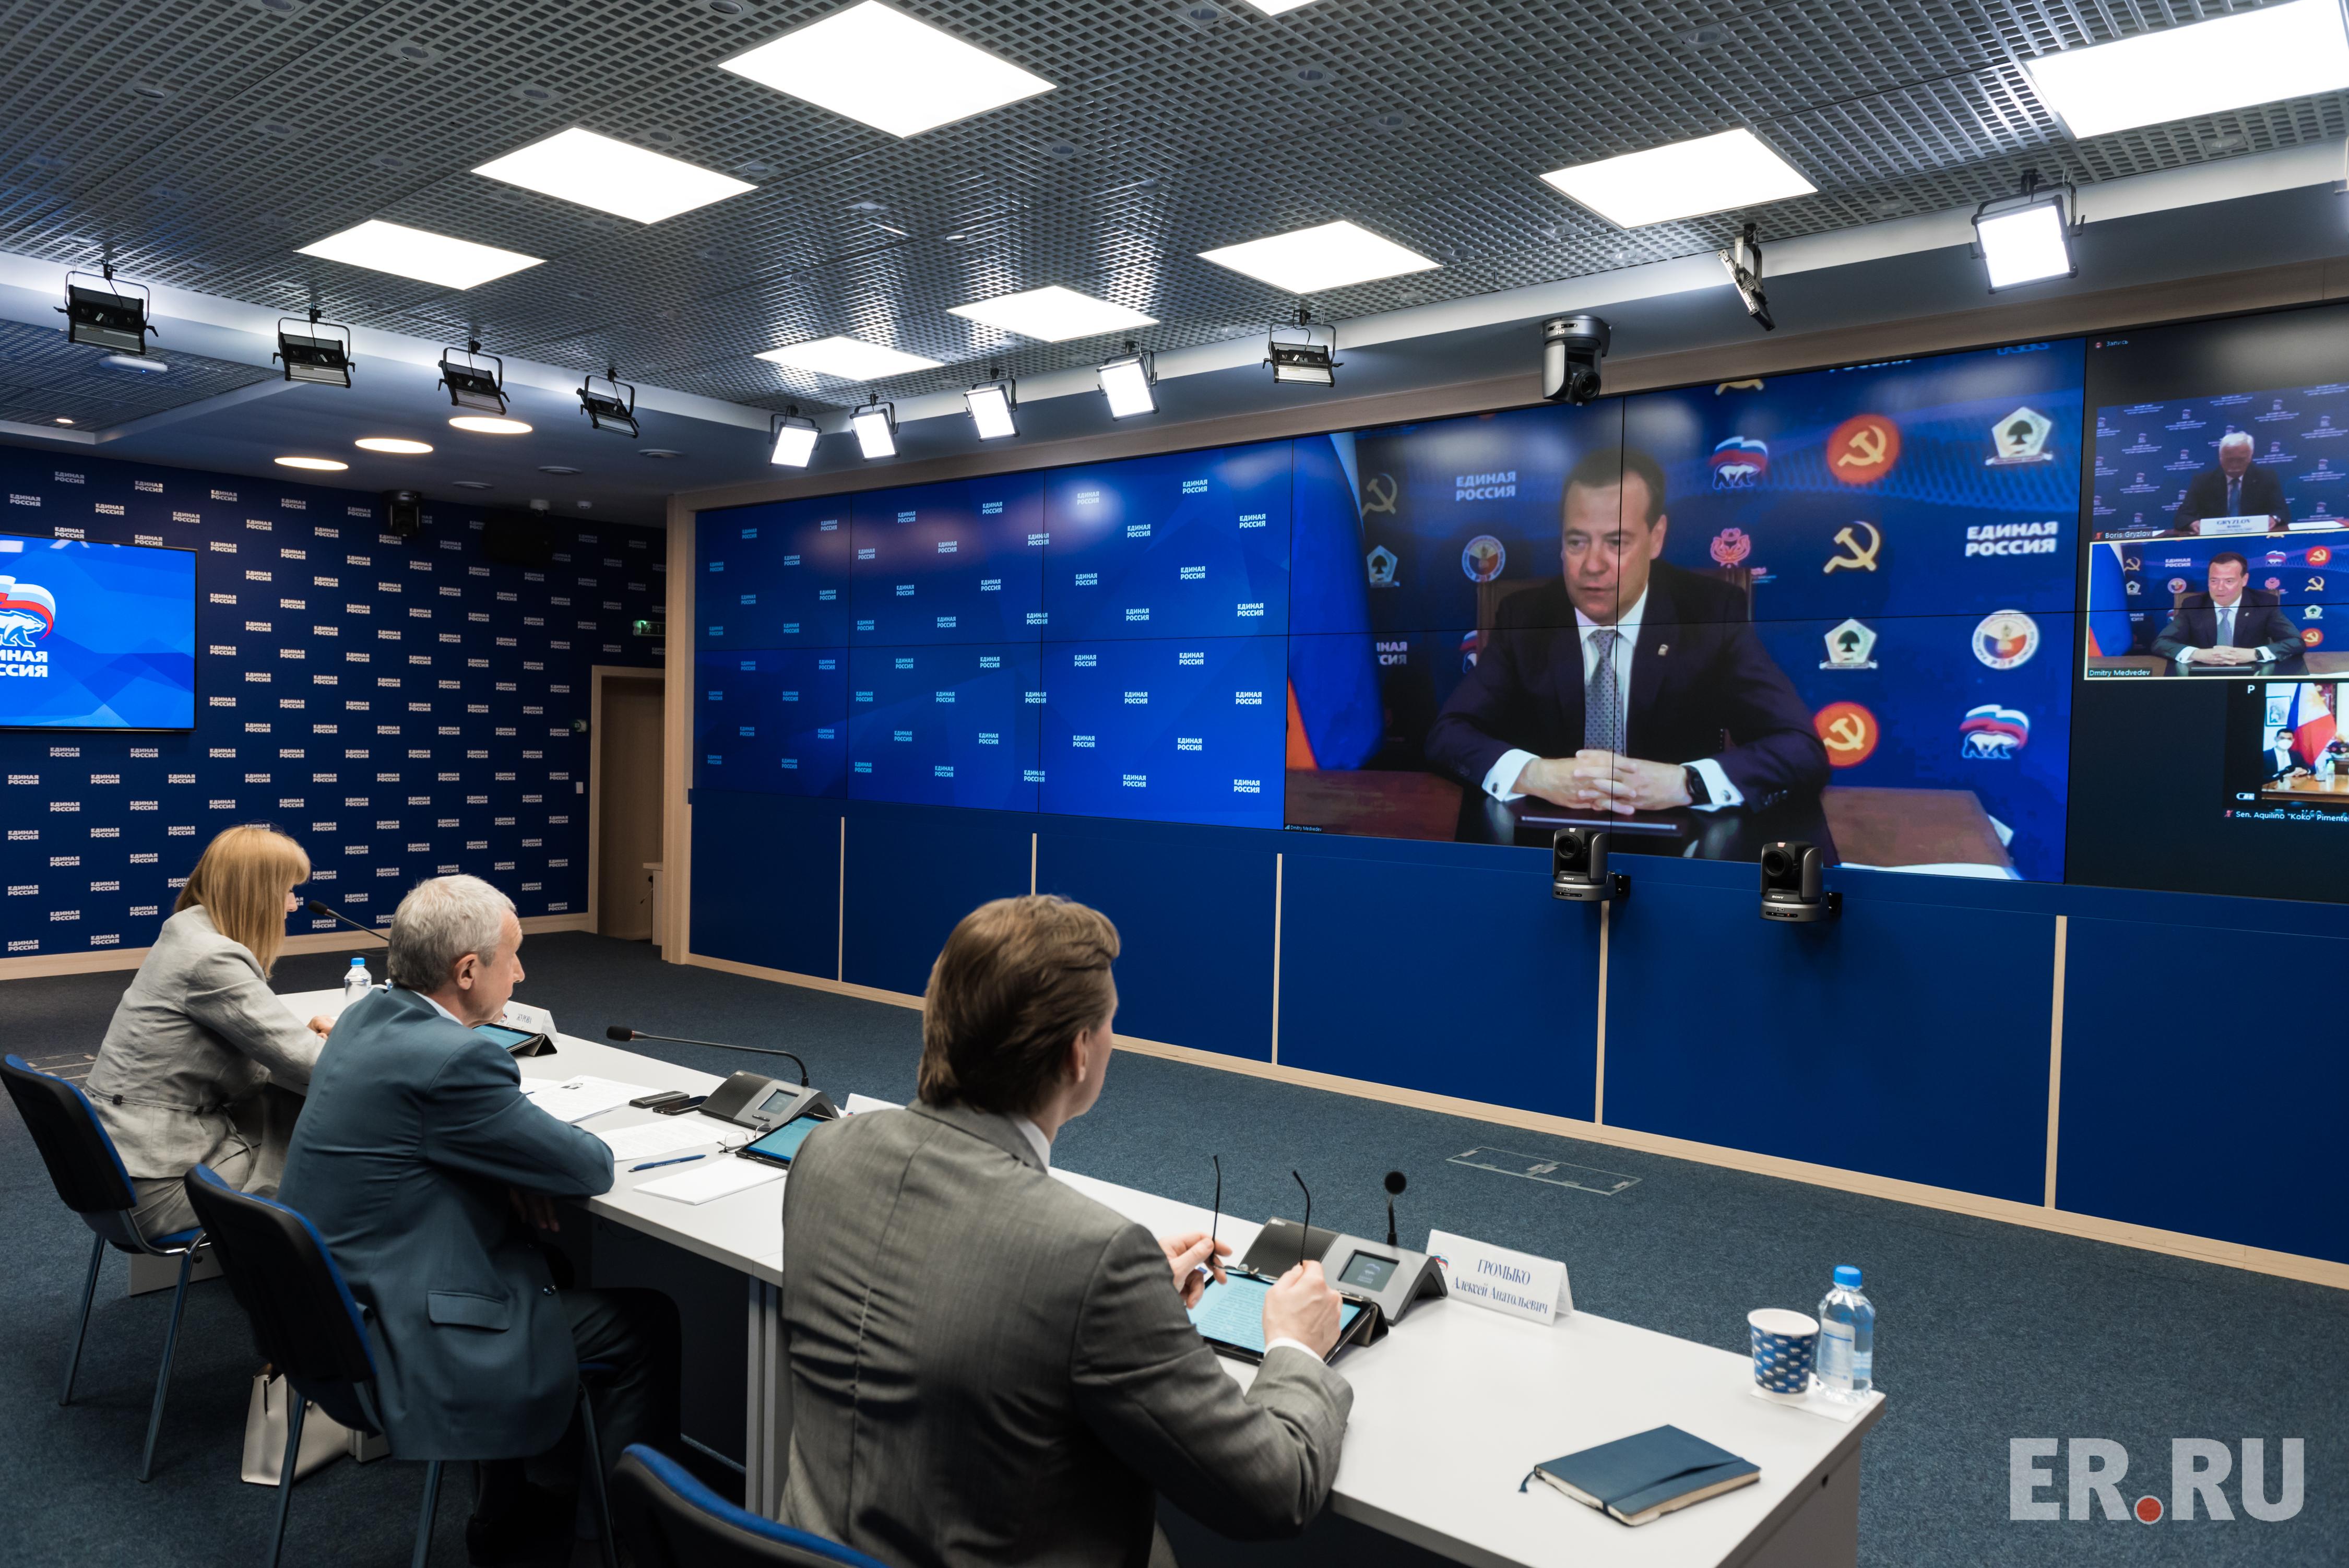 Круглый стол «Роль ответственных политических сил России и стран АСЕАН в укреплении архитектуры безопасности и сотрудничества в Азиатско-Тихоокеанском регионе»